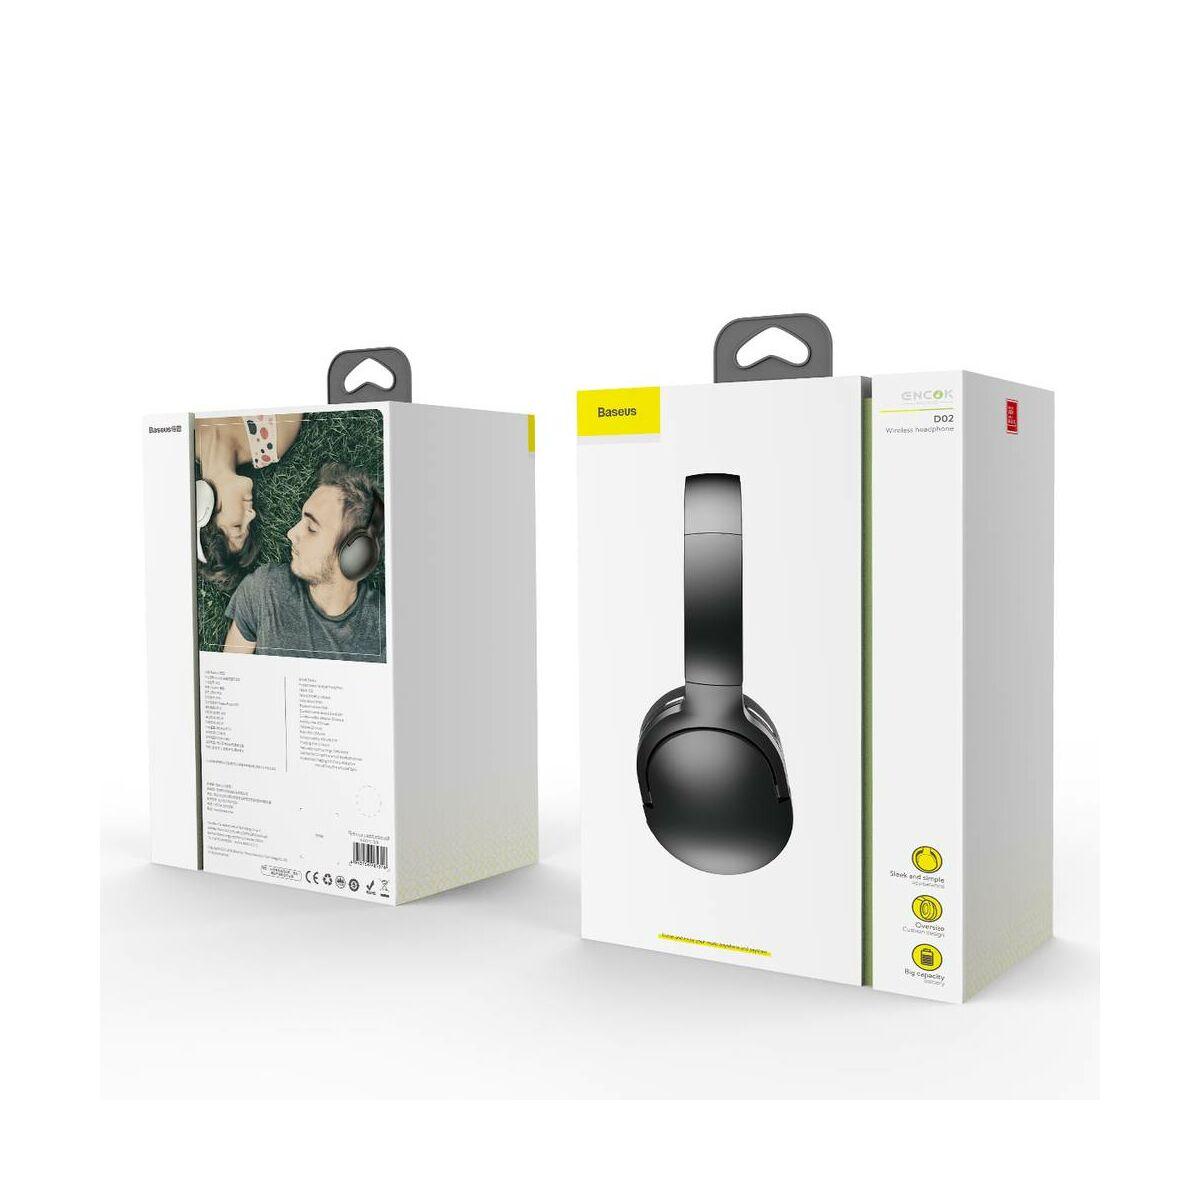 Baseus fejhallgató, Bluetooth Encok D02, vezeték nélküli, fekete (NGD02-01)